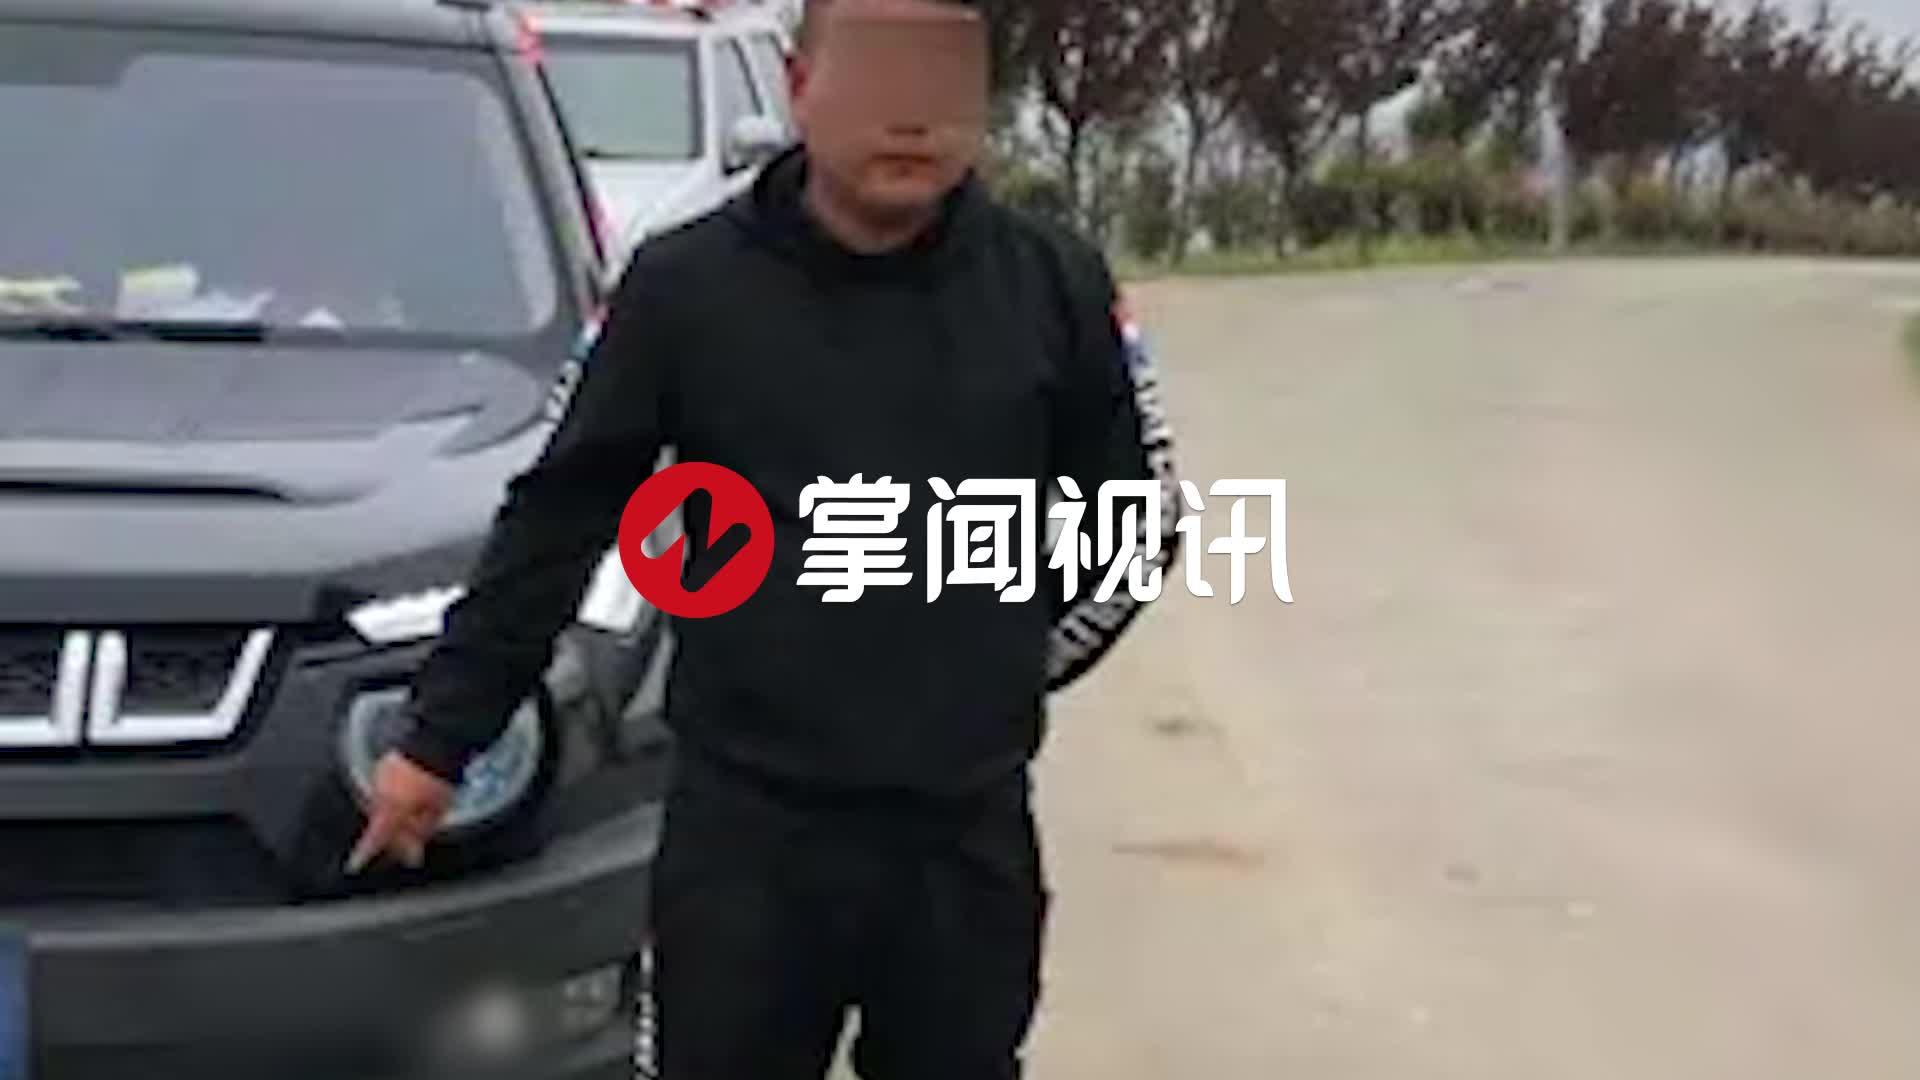 男子坐车顶兜风拍视频炫耀被举报 司机也跟着遭处罚